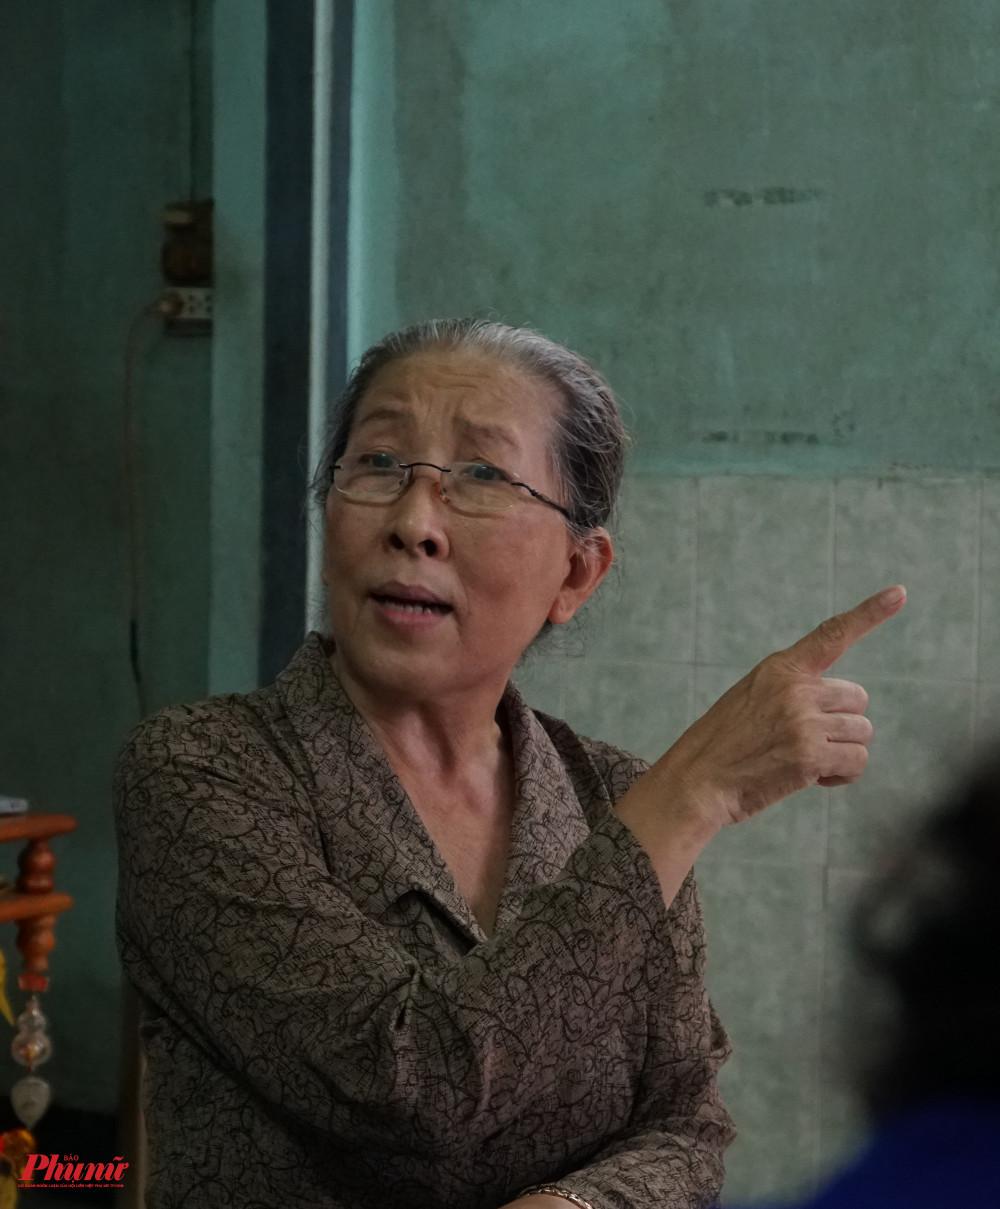 NSƯT Ngọc Dung cho biết đến hiện tại khi bước lên sân khấu bà vẫn chuẩn bị chỉn chu như thuở mới vào nghề